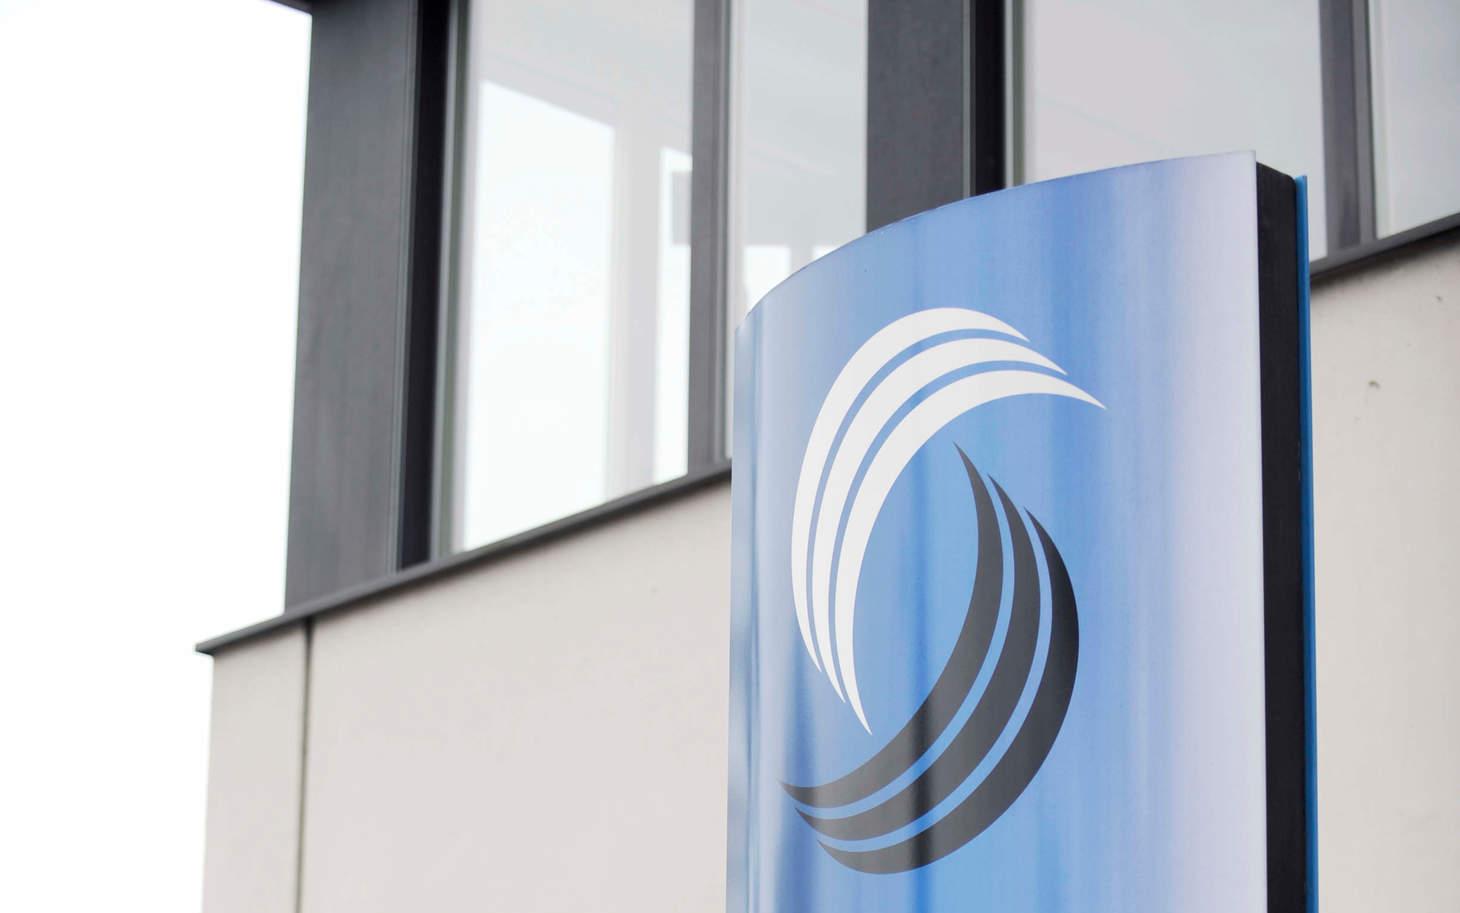 Firmenbeschriftung der santésuisse Solothurn